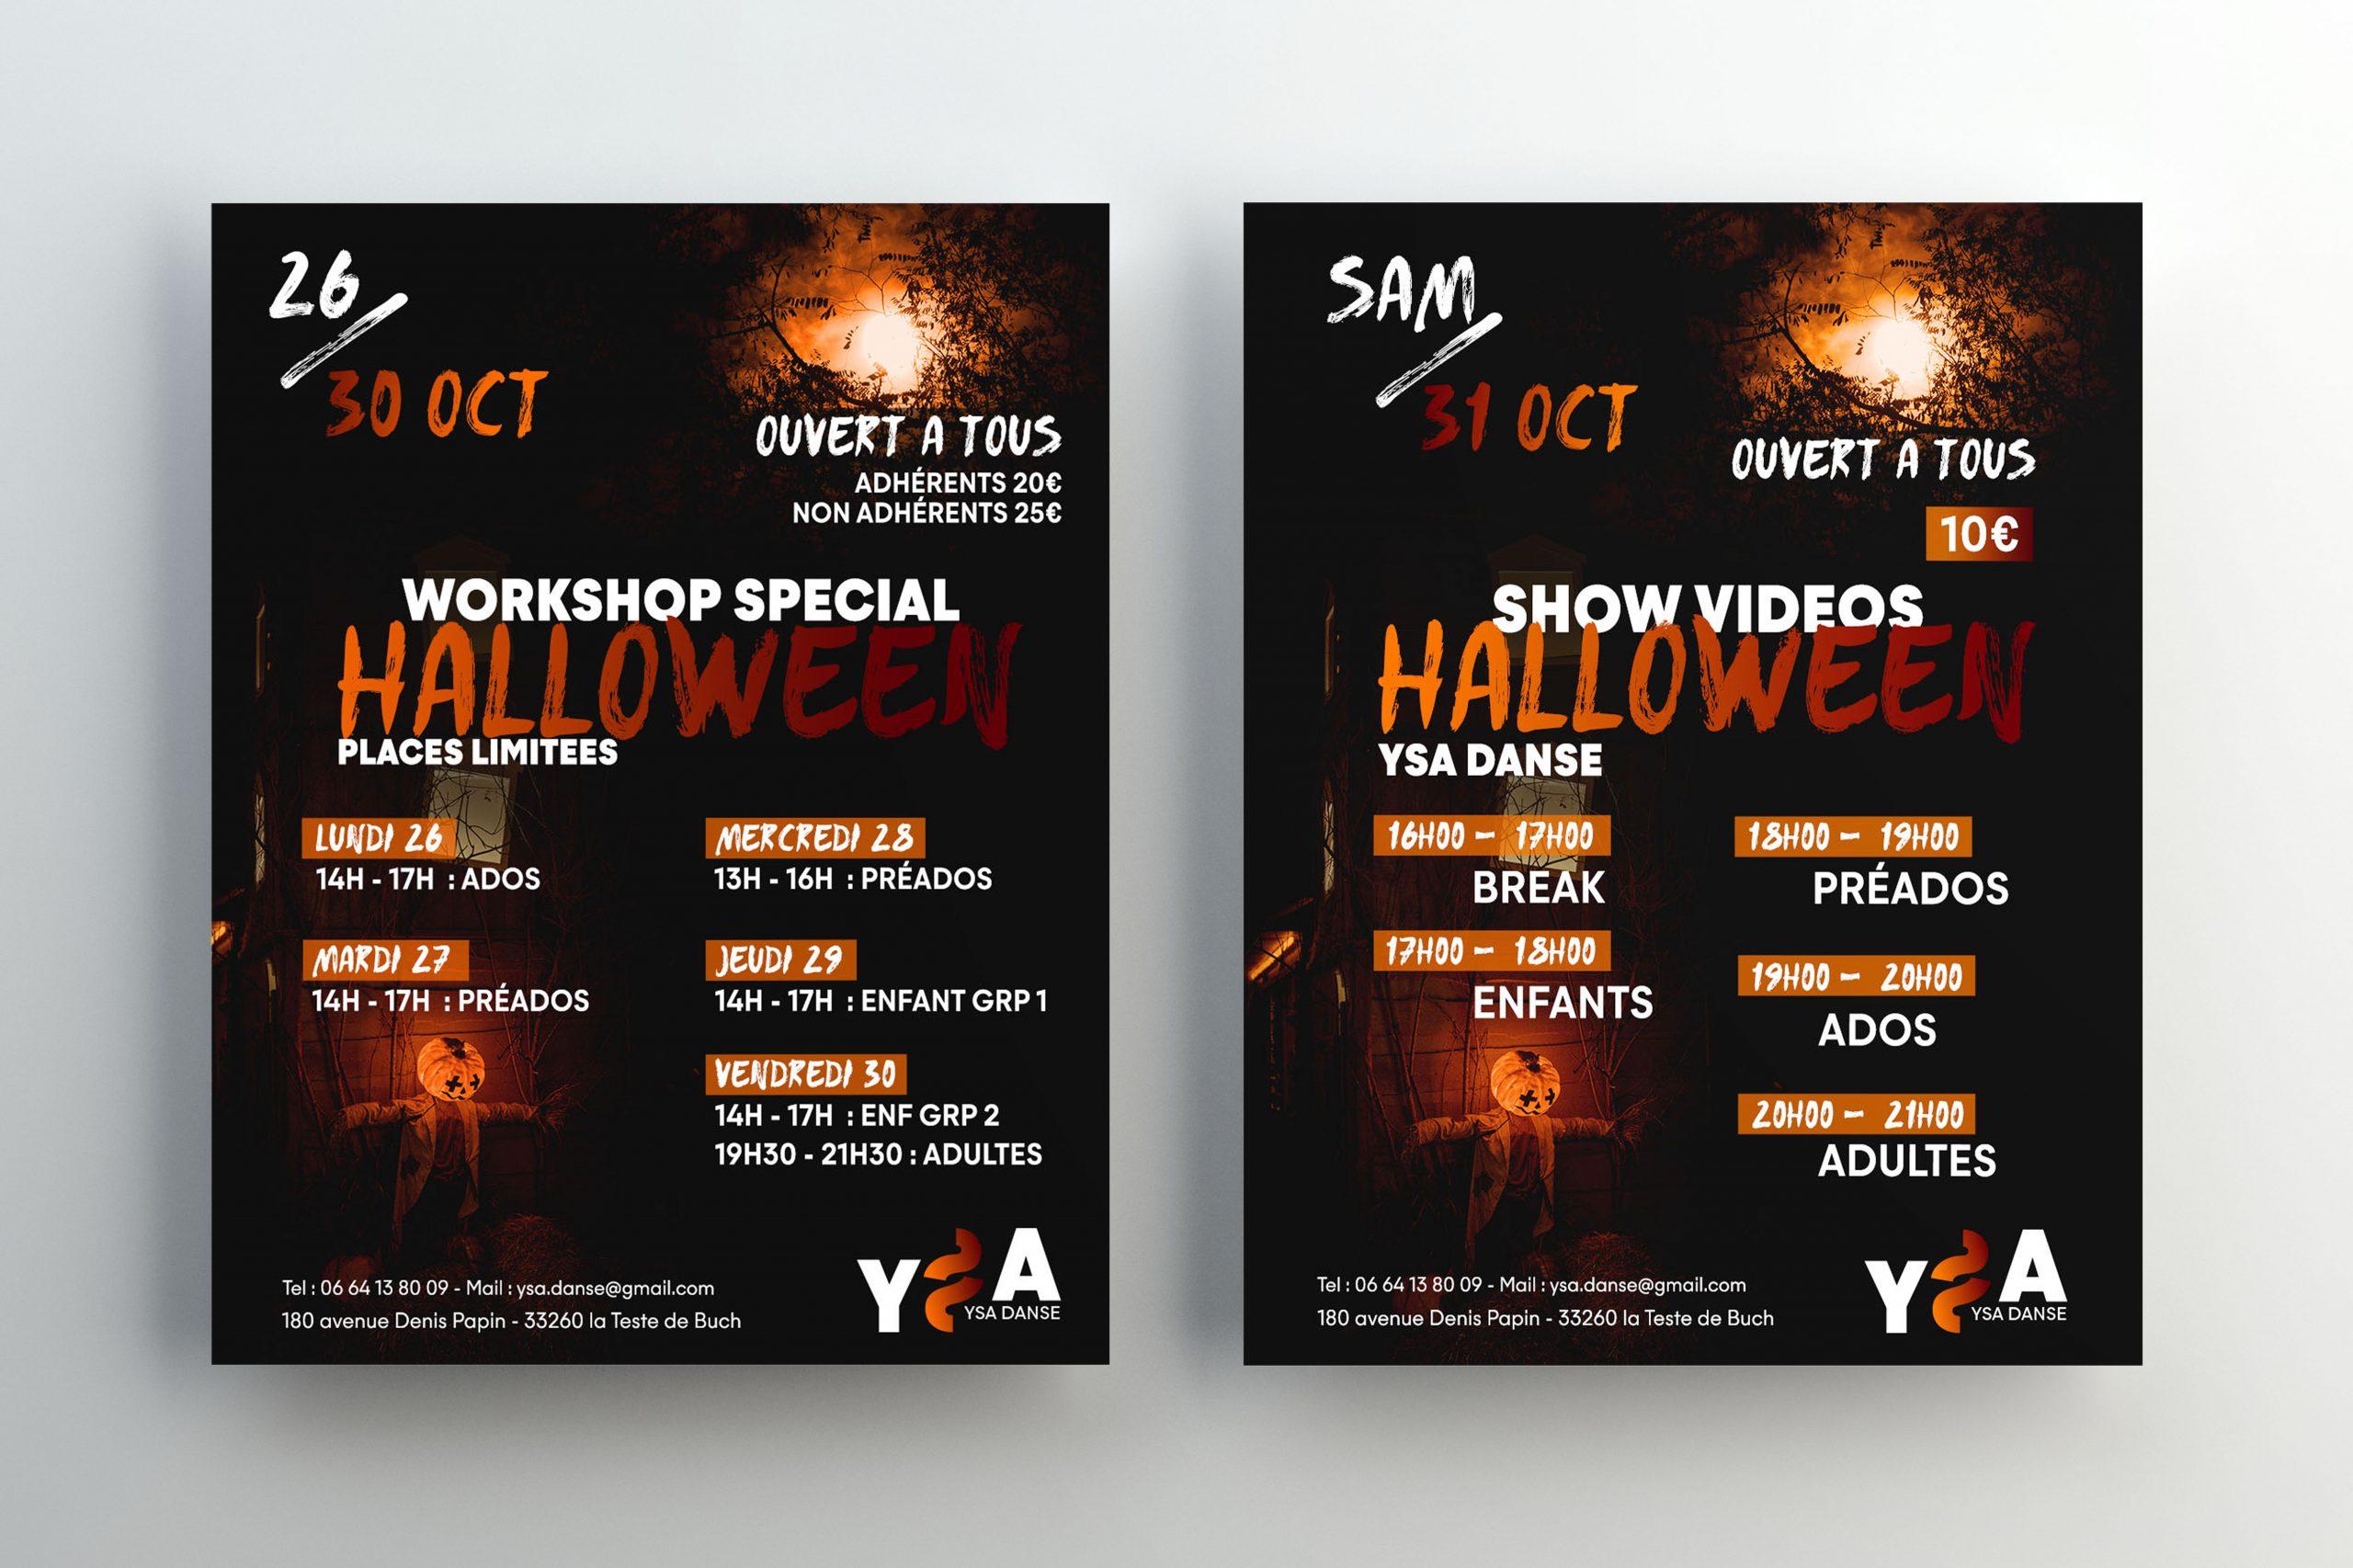 Mise en situation des affiches pour Halloween